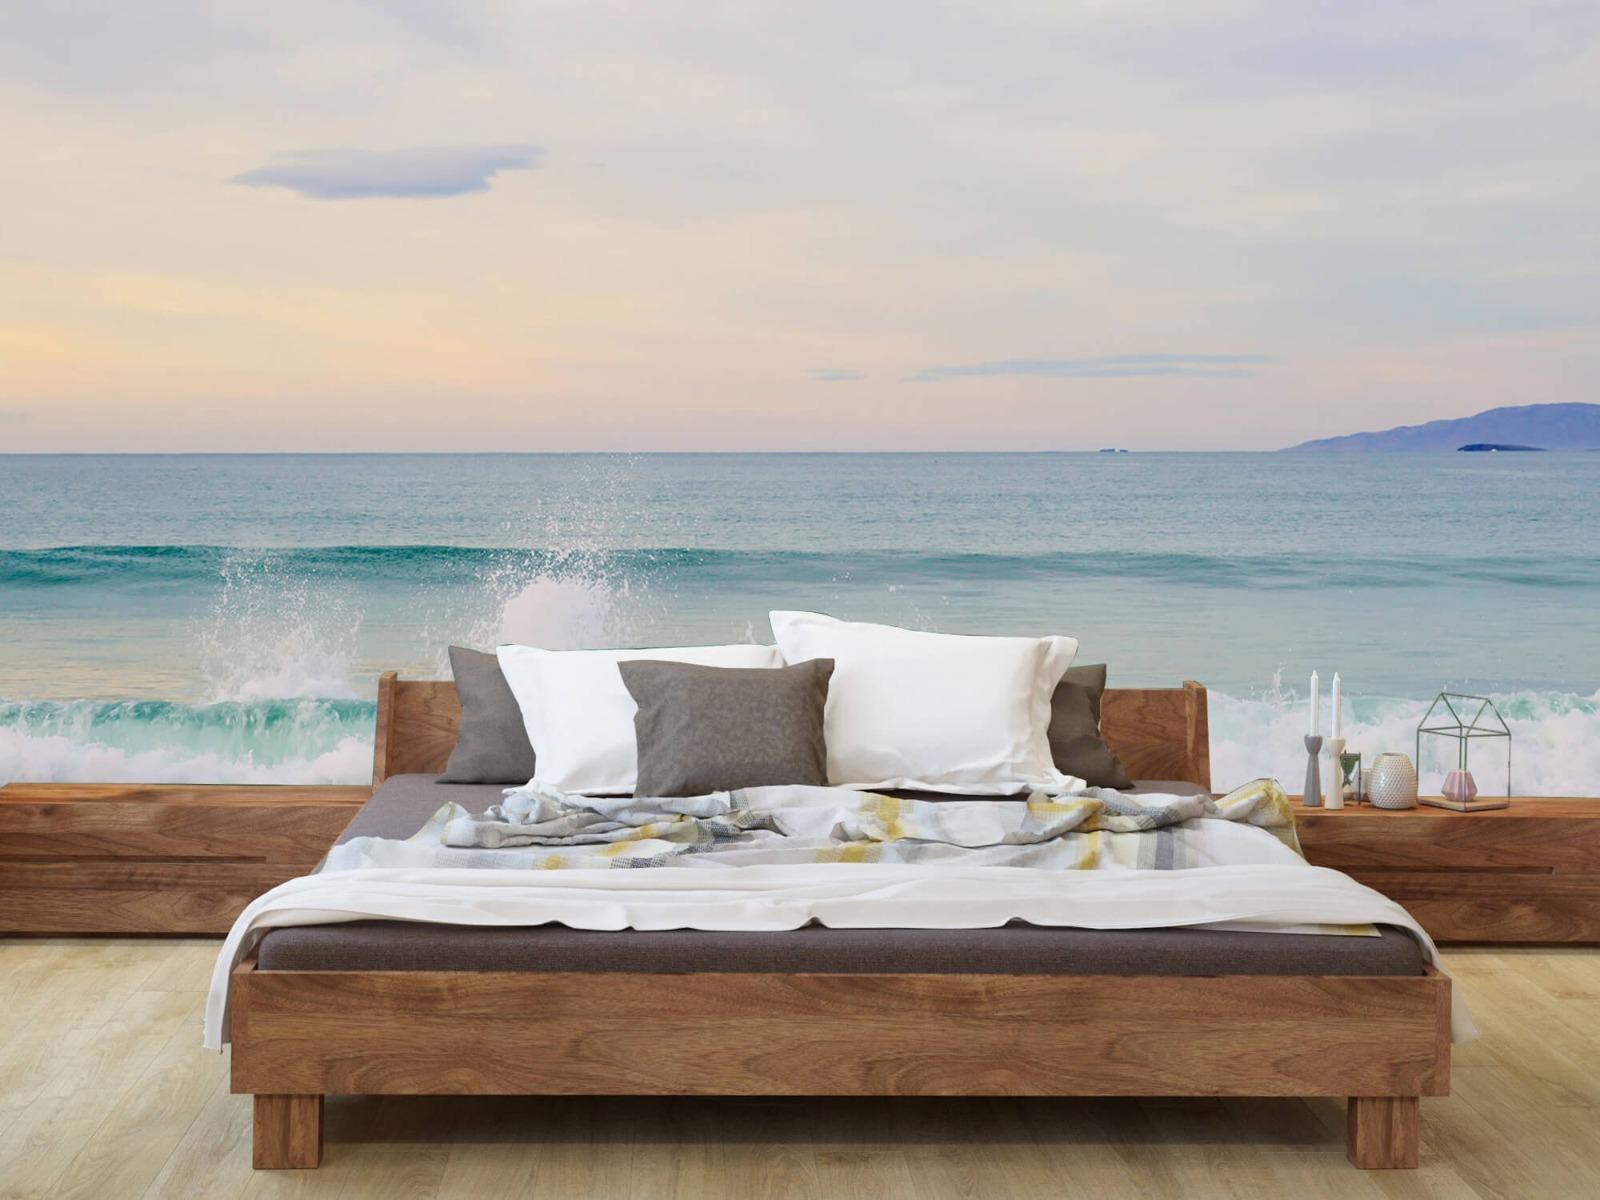 Zeeën en Oceanen - Golvende kust - Slaapkamer 7